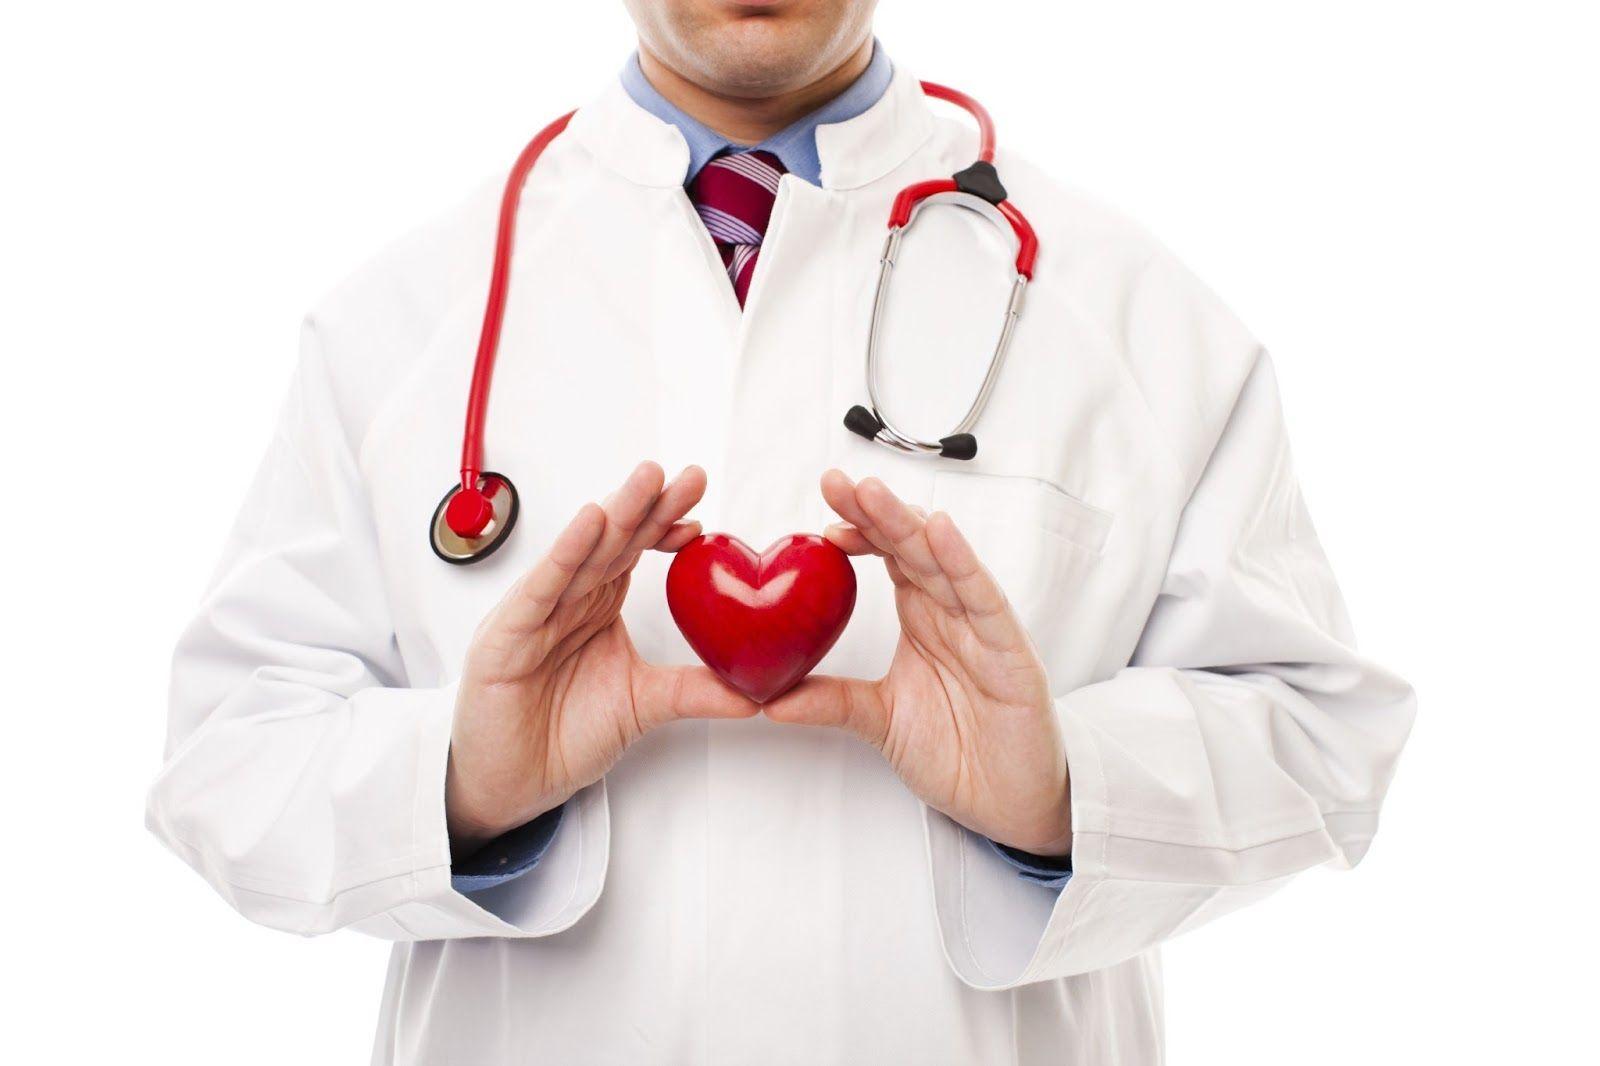 Quanto ne sai sulla salute? [QUIZ]